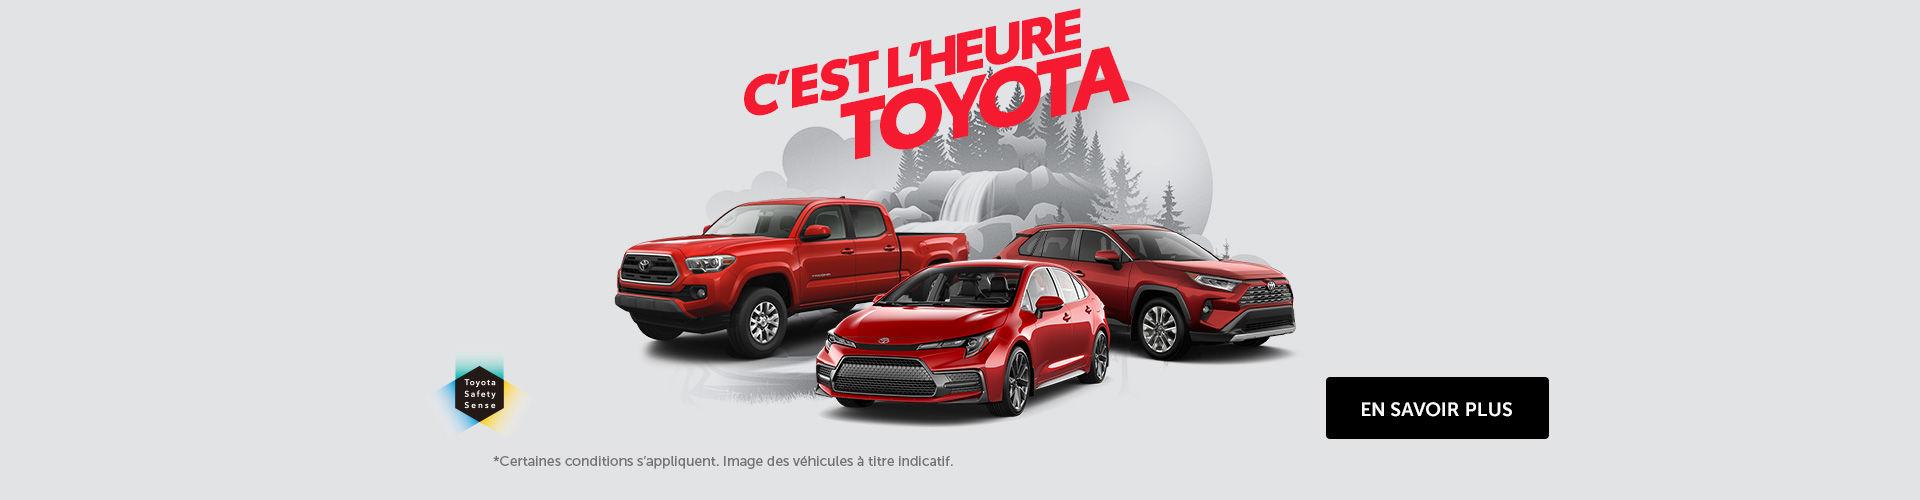 L'événement Toyota!